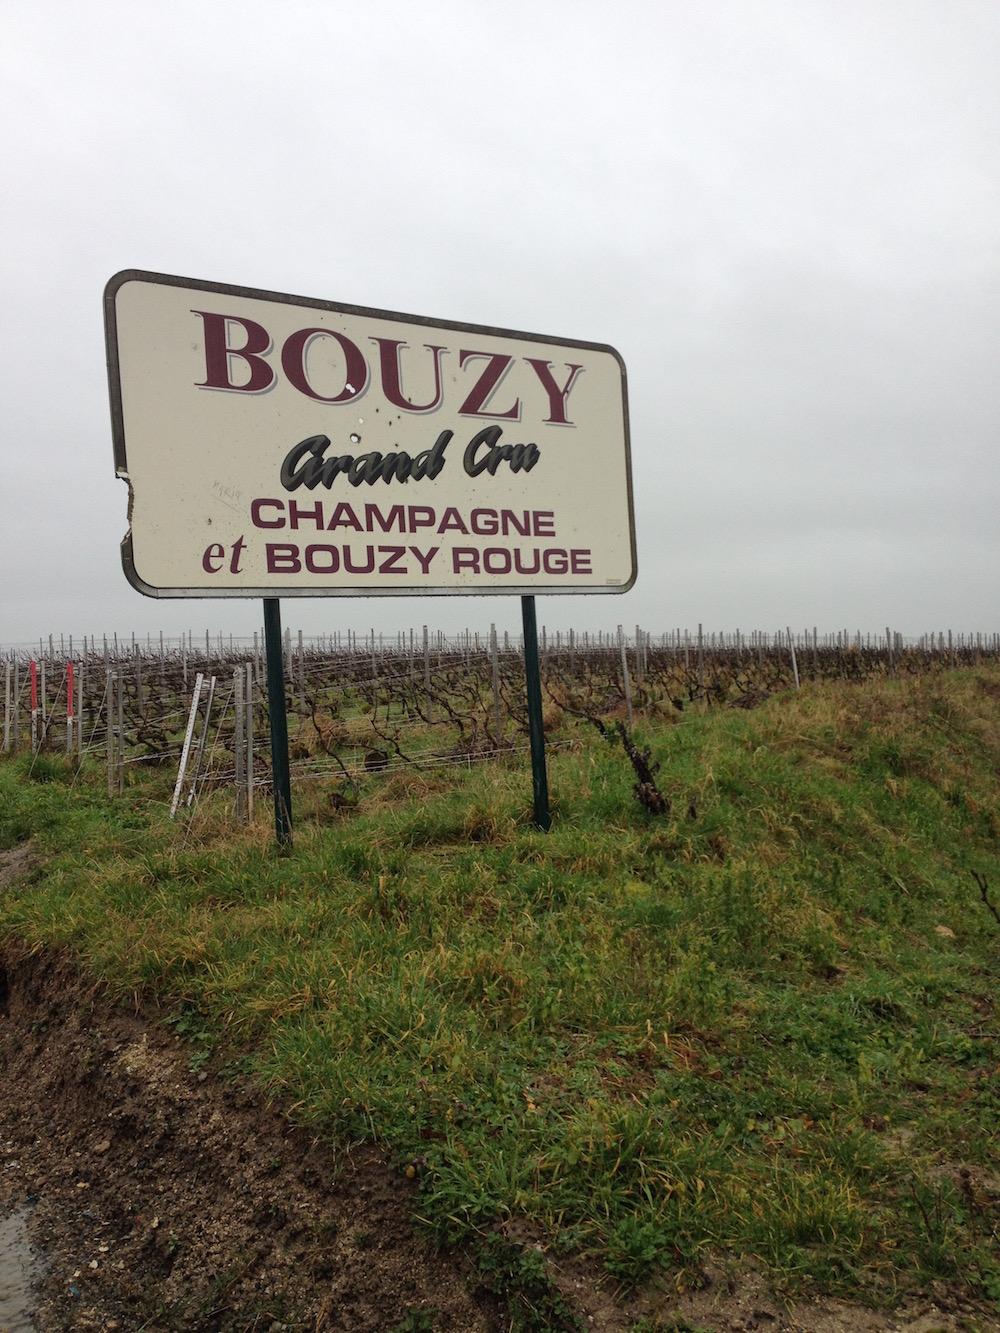 Bouzy-Champagne.jpg